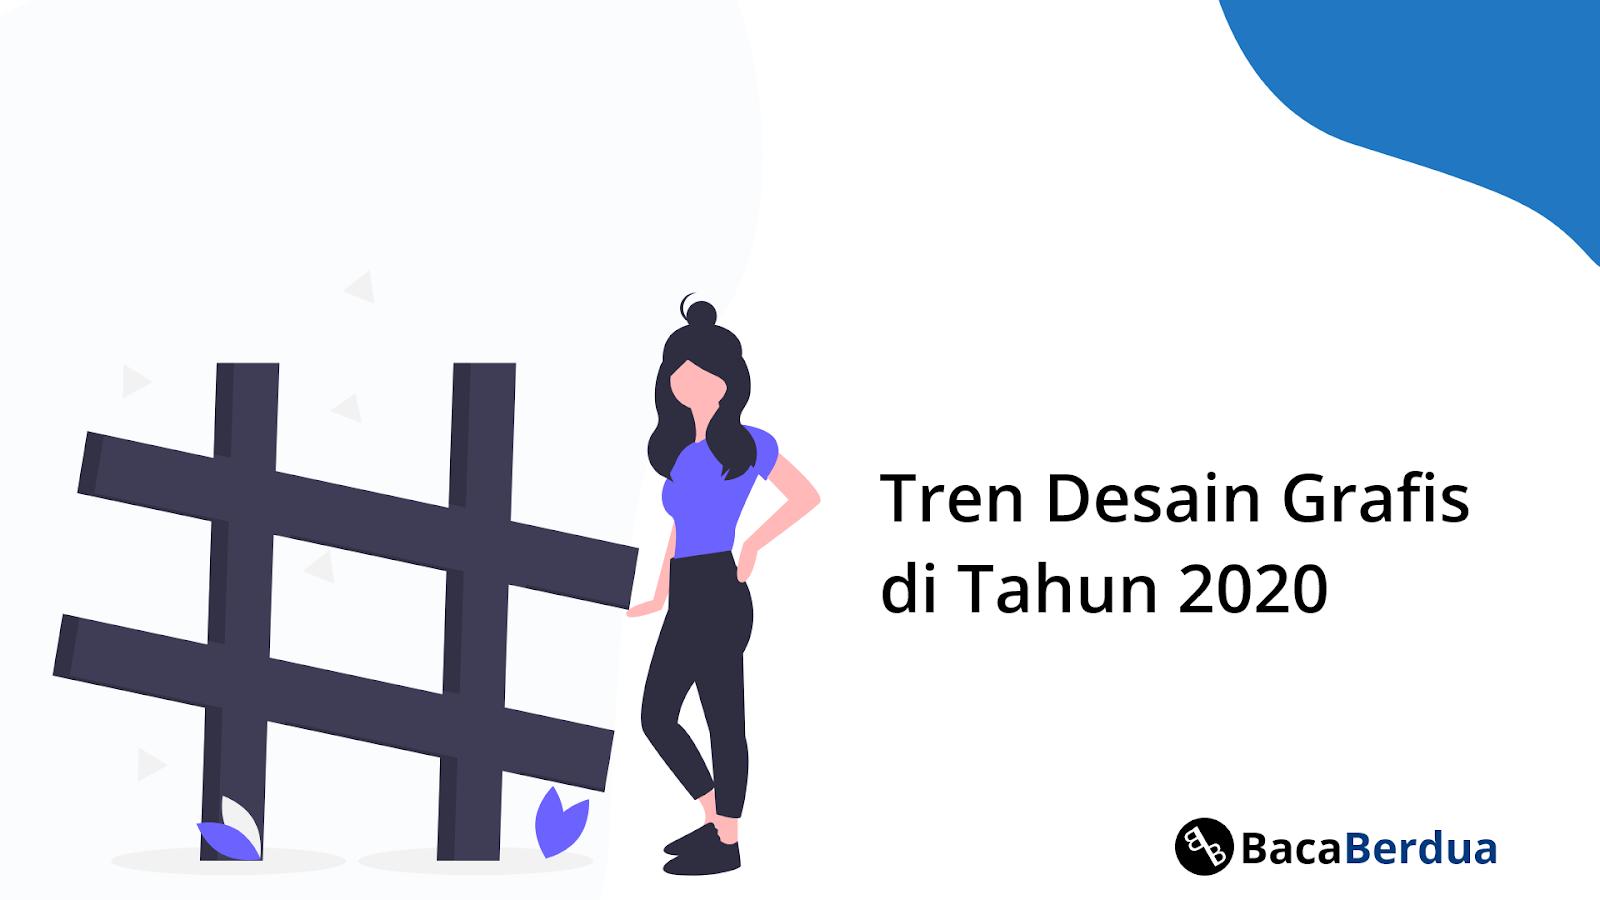 Trend Desain Grafis di Tahun 2020